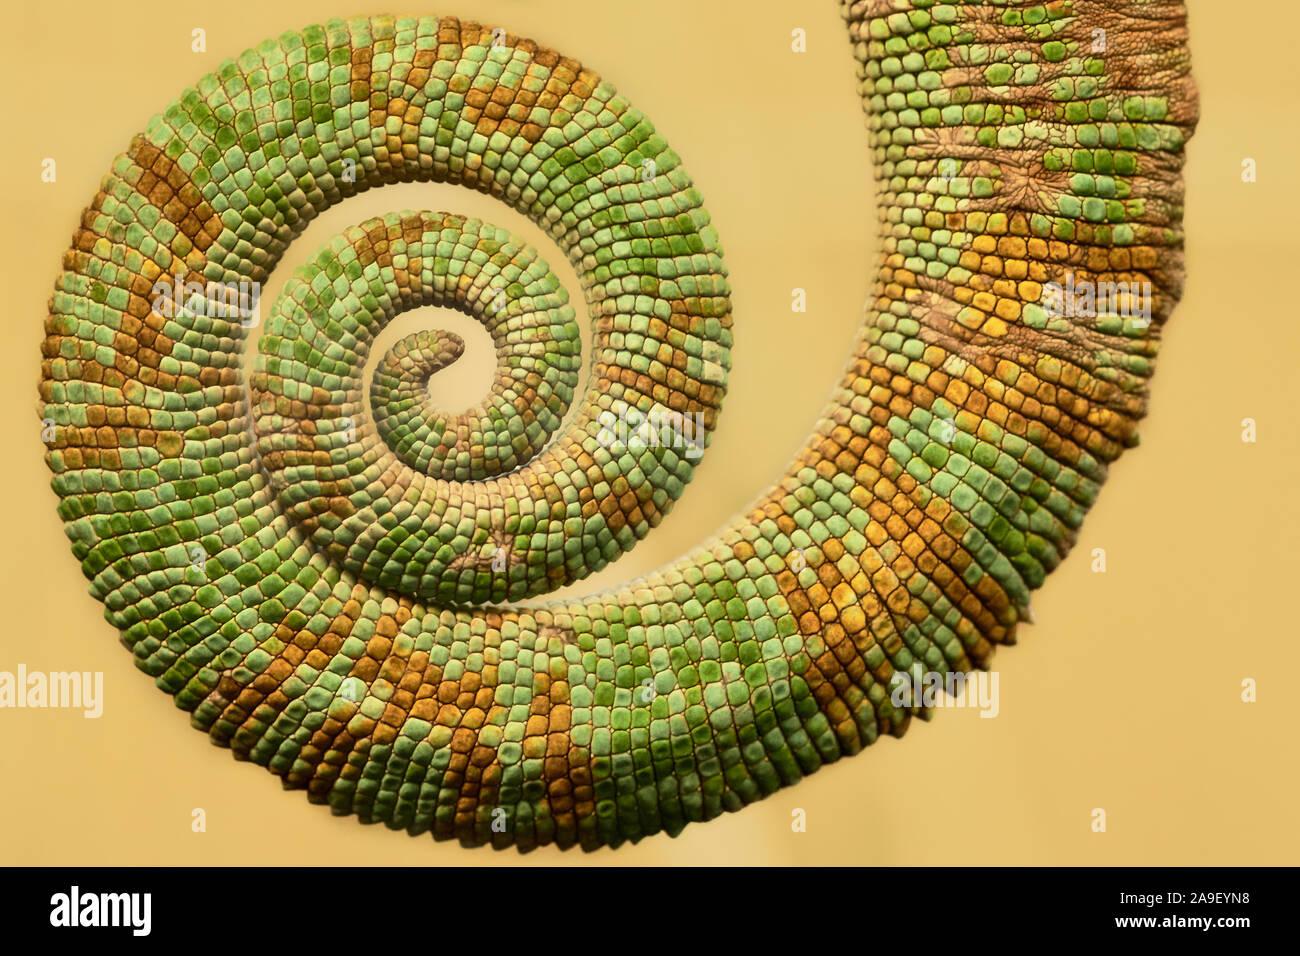 Primer plano de una cola de camaleón verde y naranja (Chamaeleo calyptratus) acurrucada y aislada Foto de stock